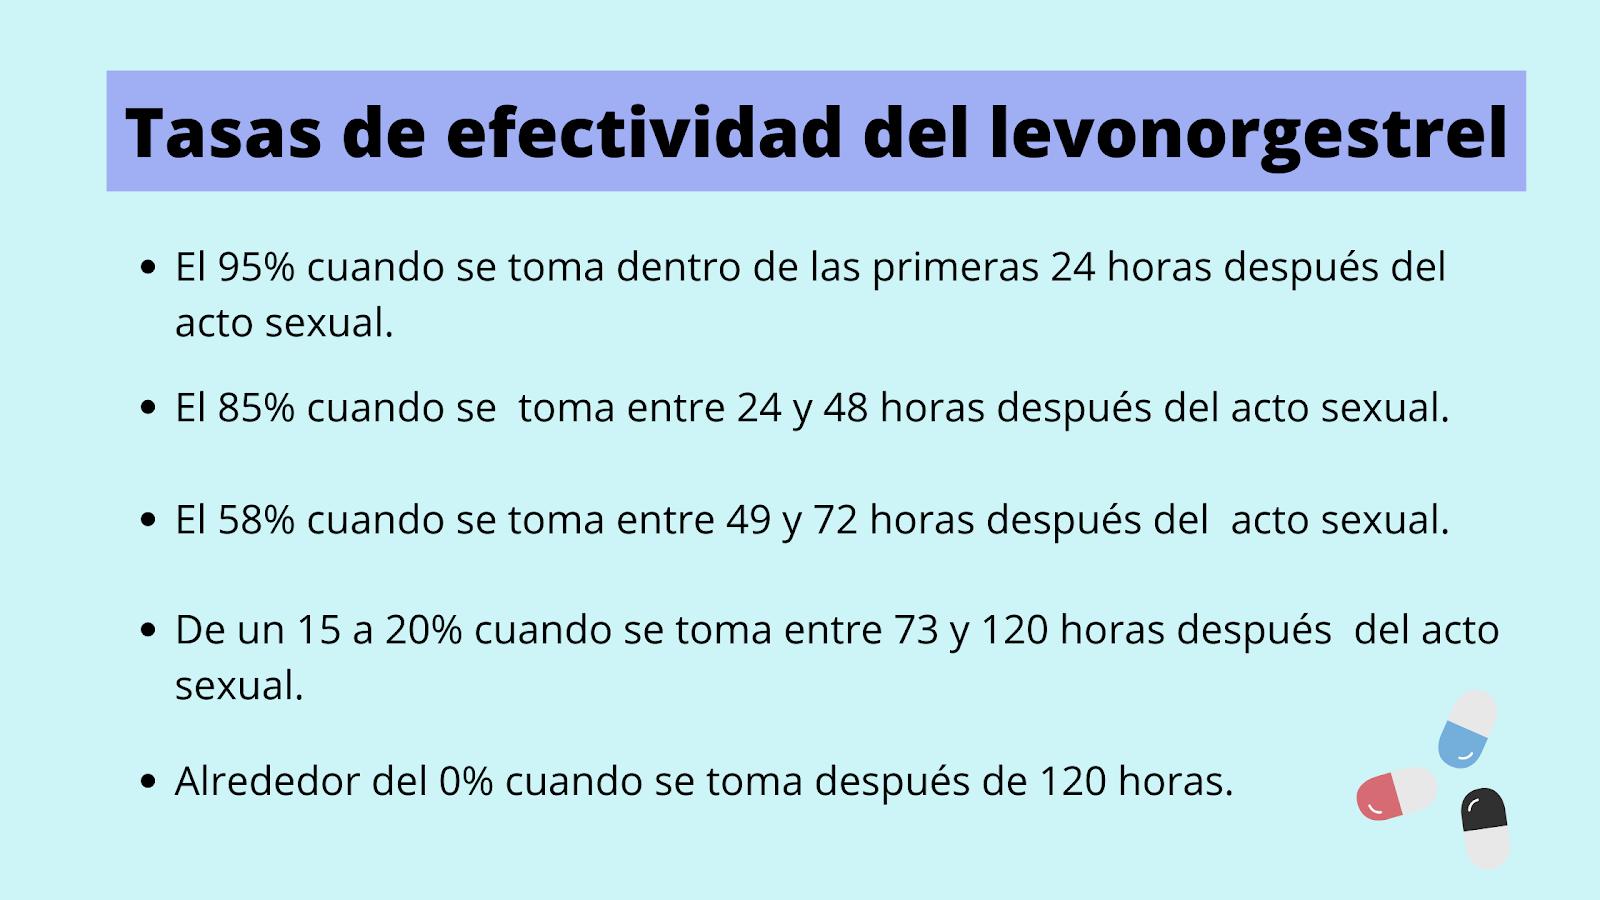 Infografía sobre tasas de efectividad del levonorgestrel dependiendo de la hora en la que se tome